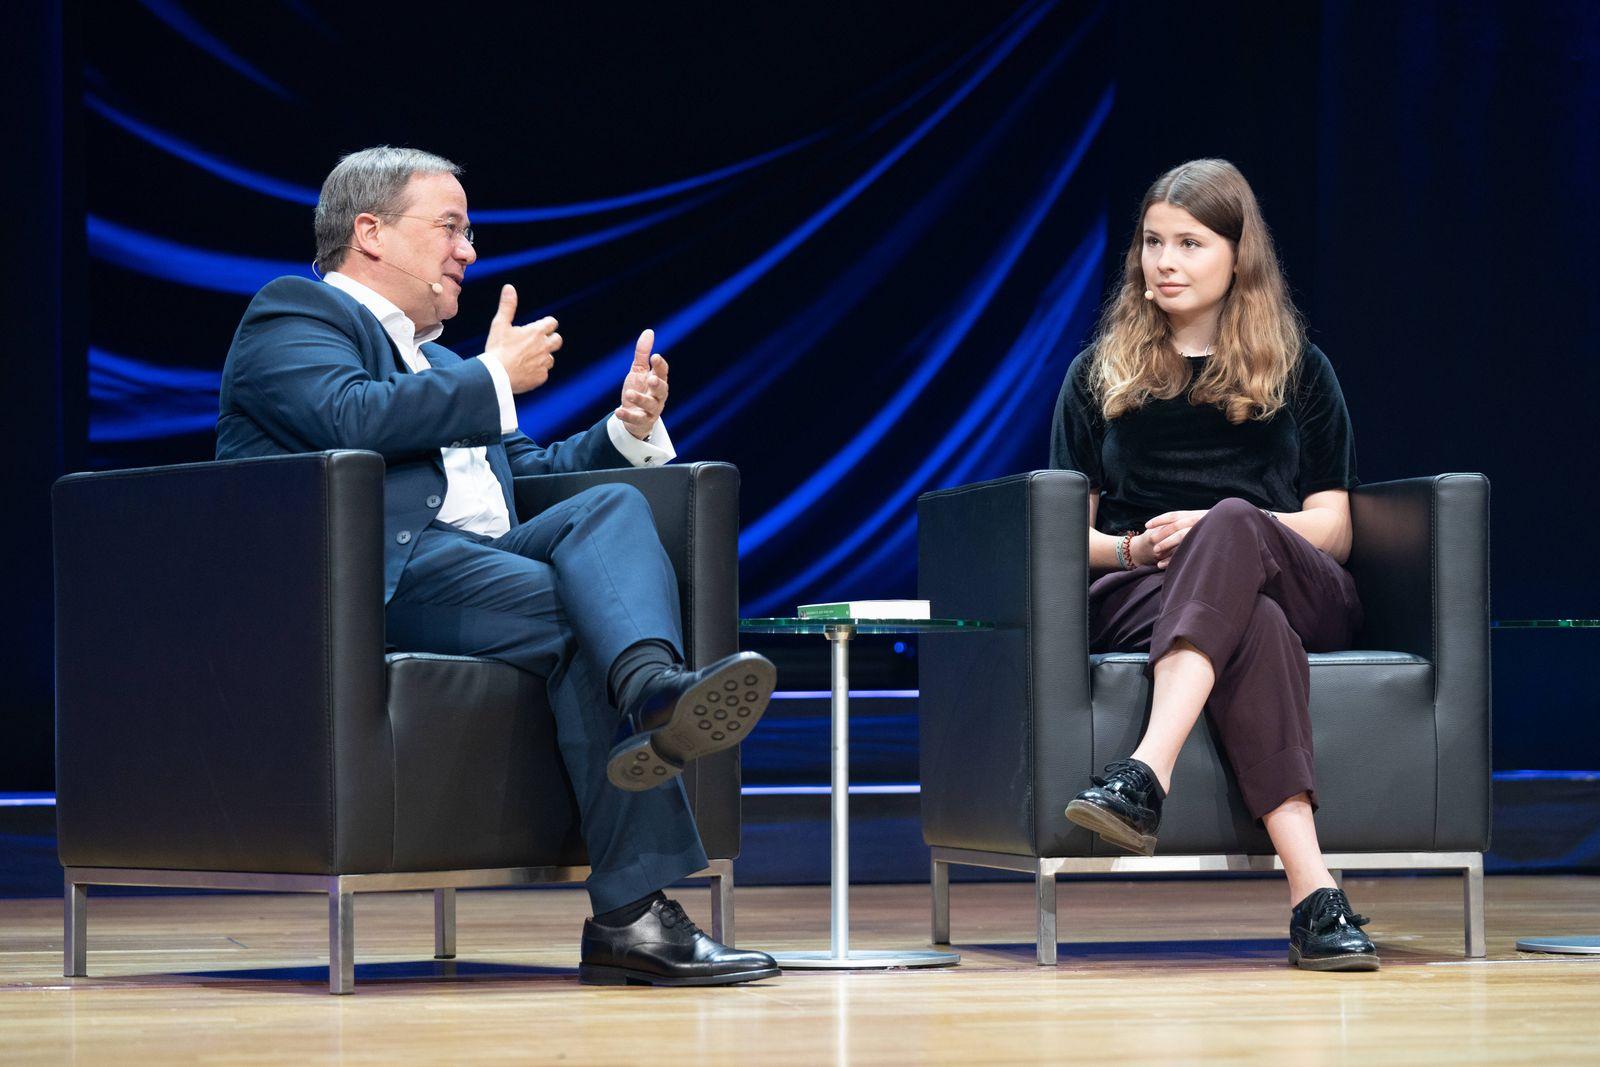 Frankfurter Buchmesse 2019 - Messe Frankfurt - Armin Laschet, Ministerpräsident NRW im Gespräch mit Luisa Neubauer, Mod